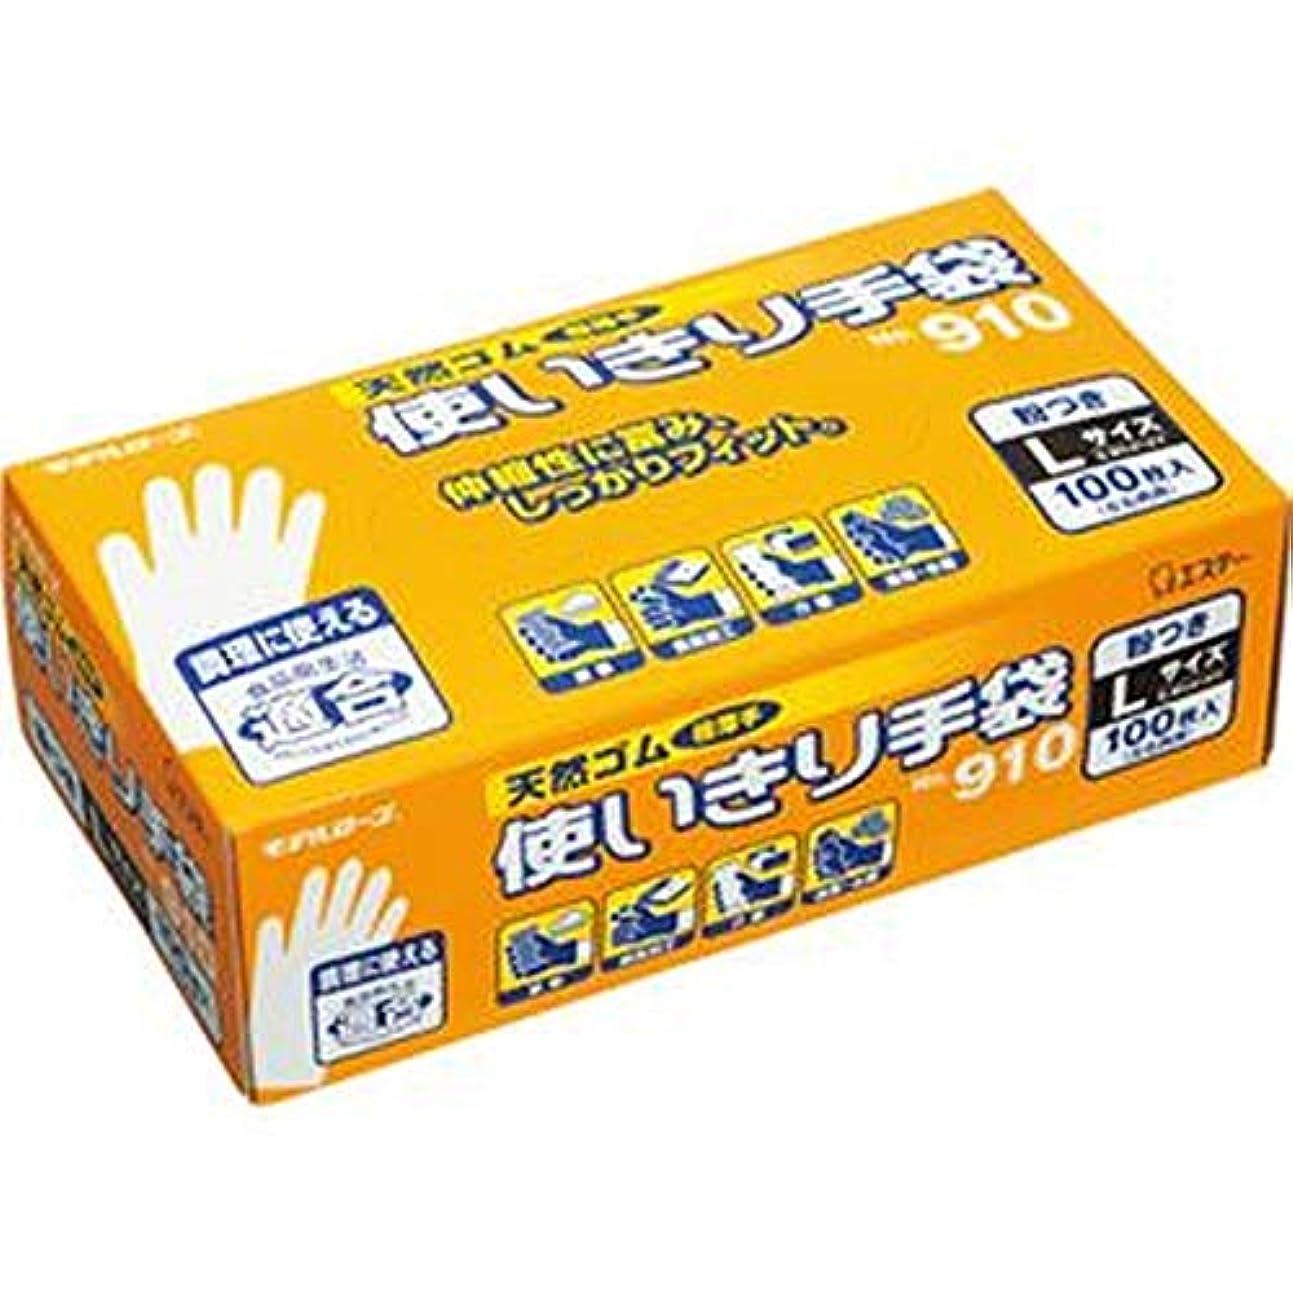 見込みヘルパー慈善- まとめ - / エステー/No.910 / 天然ゴム使いきり手袋 - 粉付 - / L / 1箱 - 100枚 - / - ×5セット -